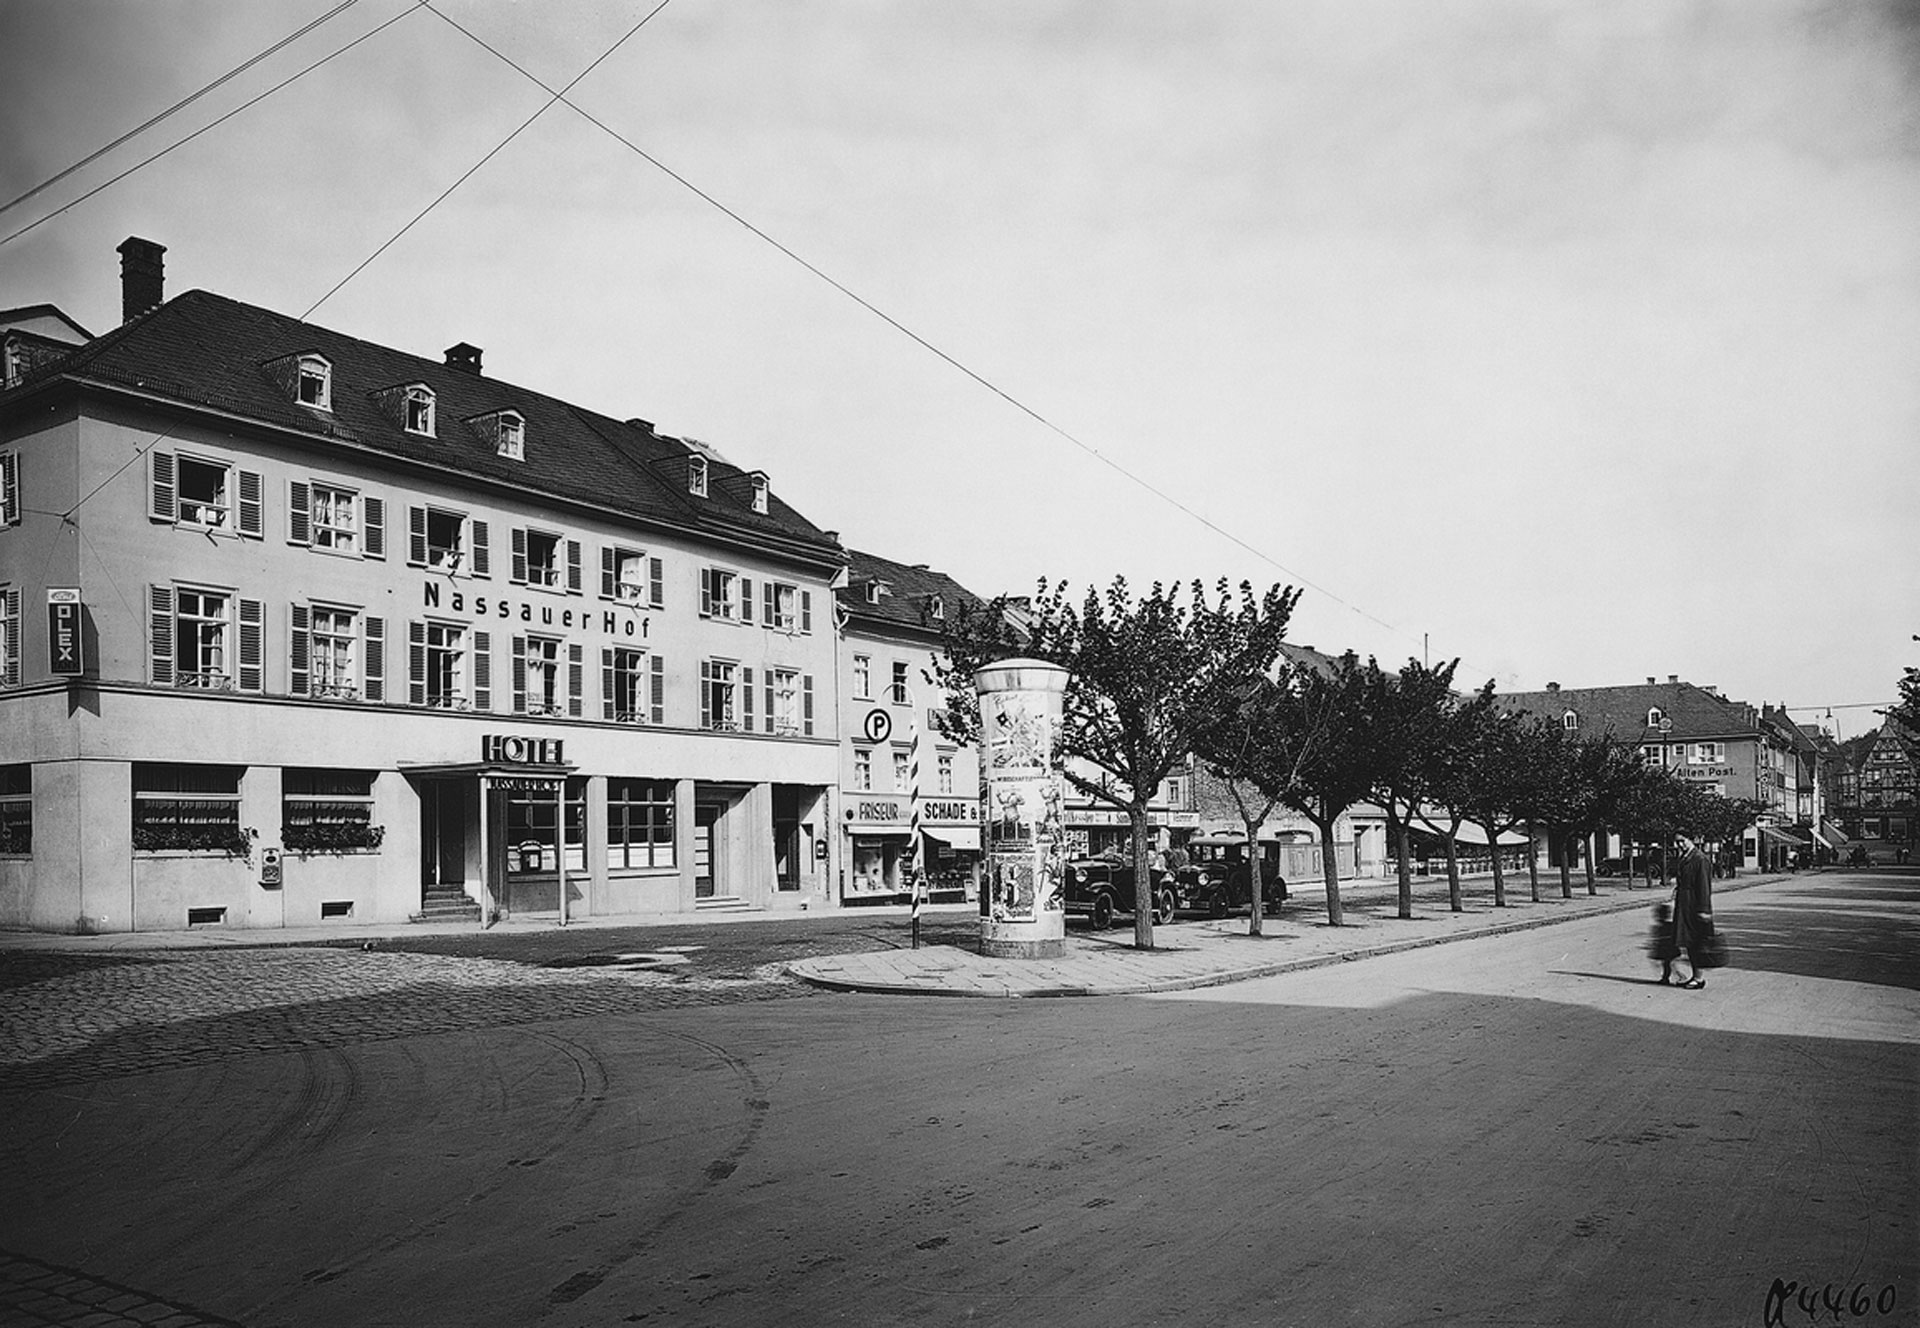 Der Neumarkt um 1930. Damals noch mit dem Nassauer Hof am Platz. Auf dem Foto erscheint der Platz schöner, als wie er heute ist. Quelle: Landesamt für Denkmalpflege Hessen.